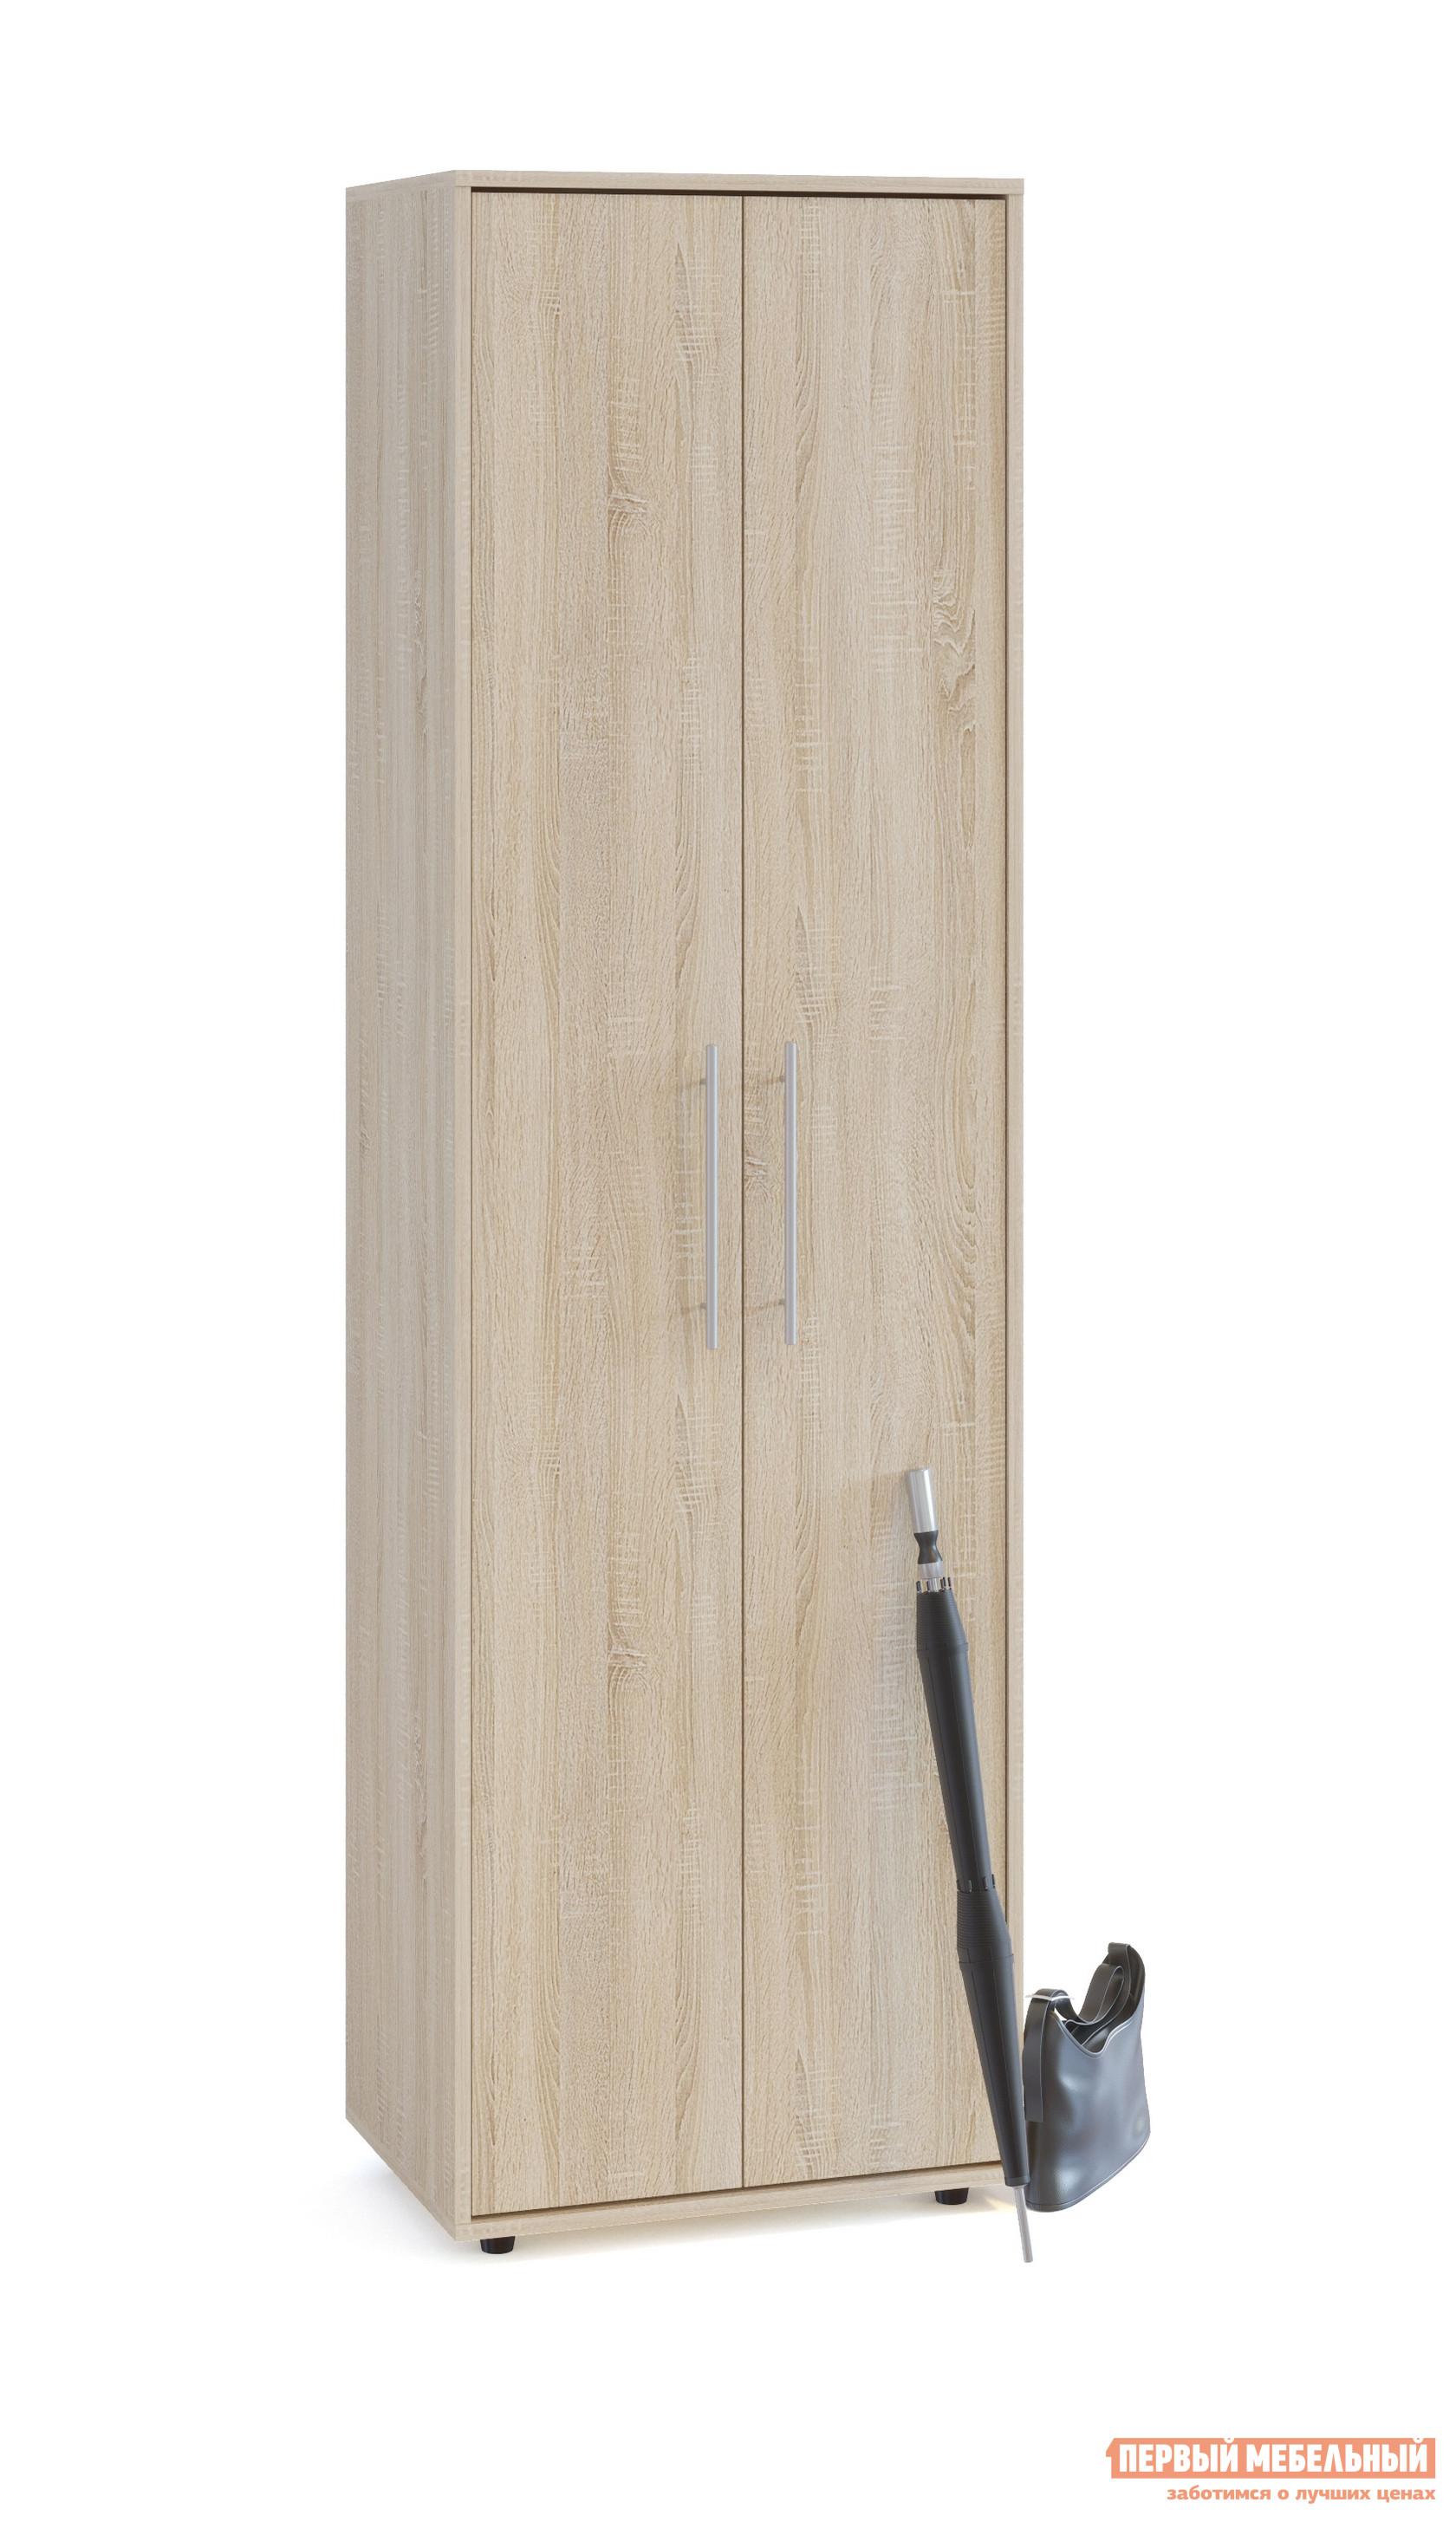 Шкаф распашной Сокол ШО-1 Дуб СономаШкафы распашные<br>Габаритные размеры ВхШхГ 2087x600x429 мм. Шкаф для одежды, шириной 600 мм.  Шкаф оборудован двустворчатыми дверями.  Внутри шкафа расположены две полки и выдвижная вешалка.  Изделие поставляется в разобранном виде.  Хорошо упаковано в гофротару вместе с необходимой фурнитурой для сборки и подробной инструкцией.   Изготовлена из высококачественной ЛДСП 16 мм.   Отделывается кромкой ПВХ 0. 4 мм.  Рекомендуем сохранить инструкцию по сборке (паспорт изделия) до истечения гарантийного срока.<br><br>Цвет: Светлое дерево<br>Высота мм: 2087<br>Ширина мм: 600<br>Глубина мм: 429<br>Кол-во упаковок: 1<br>Форма поставки: В разобранном виде<br>Срок гарантии: 2 года<br>Тип: Прямые<br>Материал: ЛДСП<br>Размер: Двухдверные